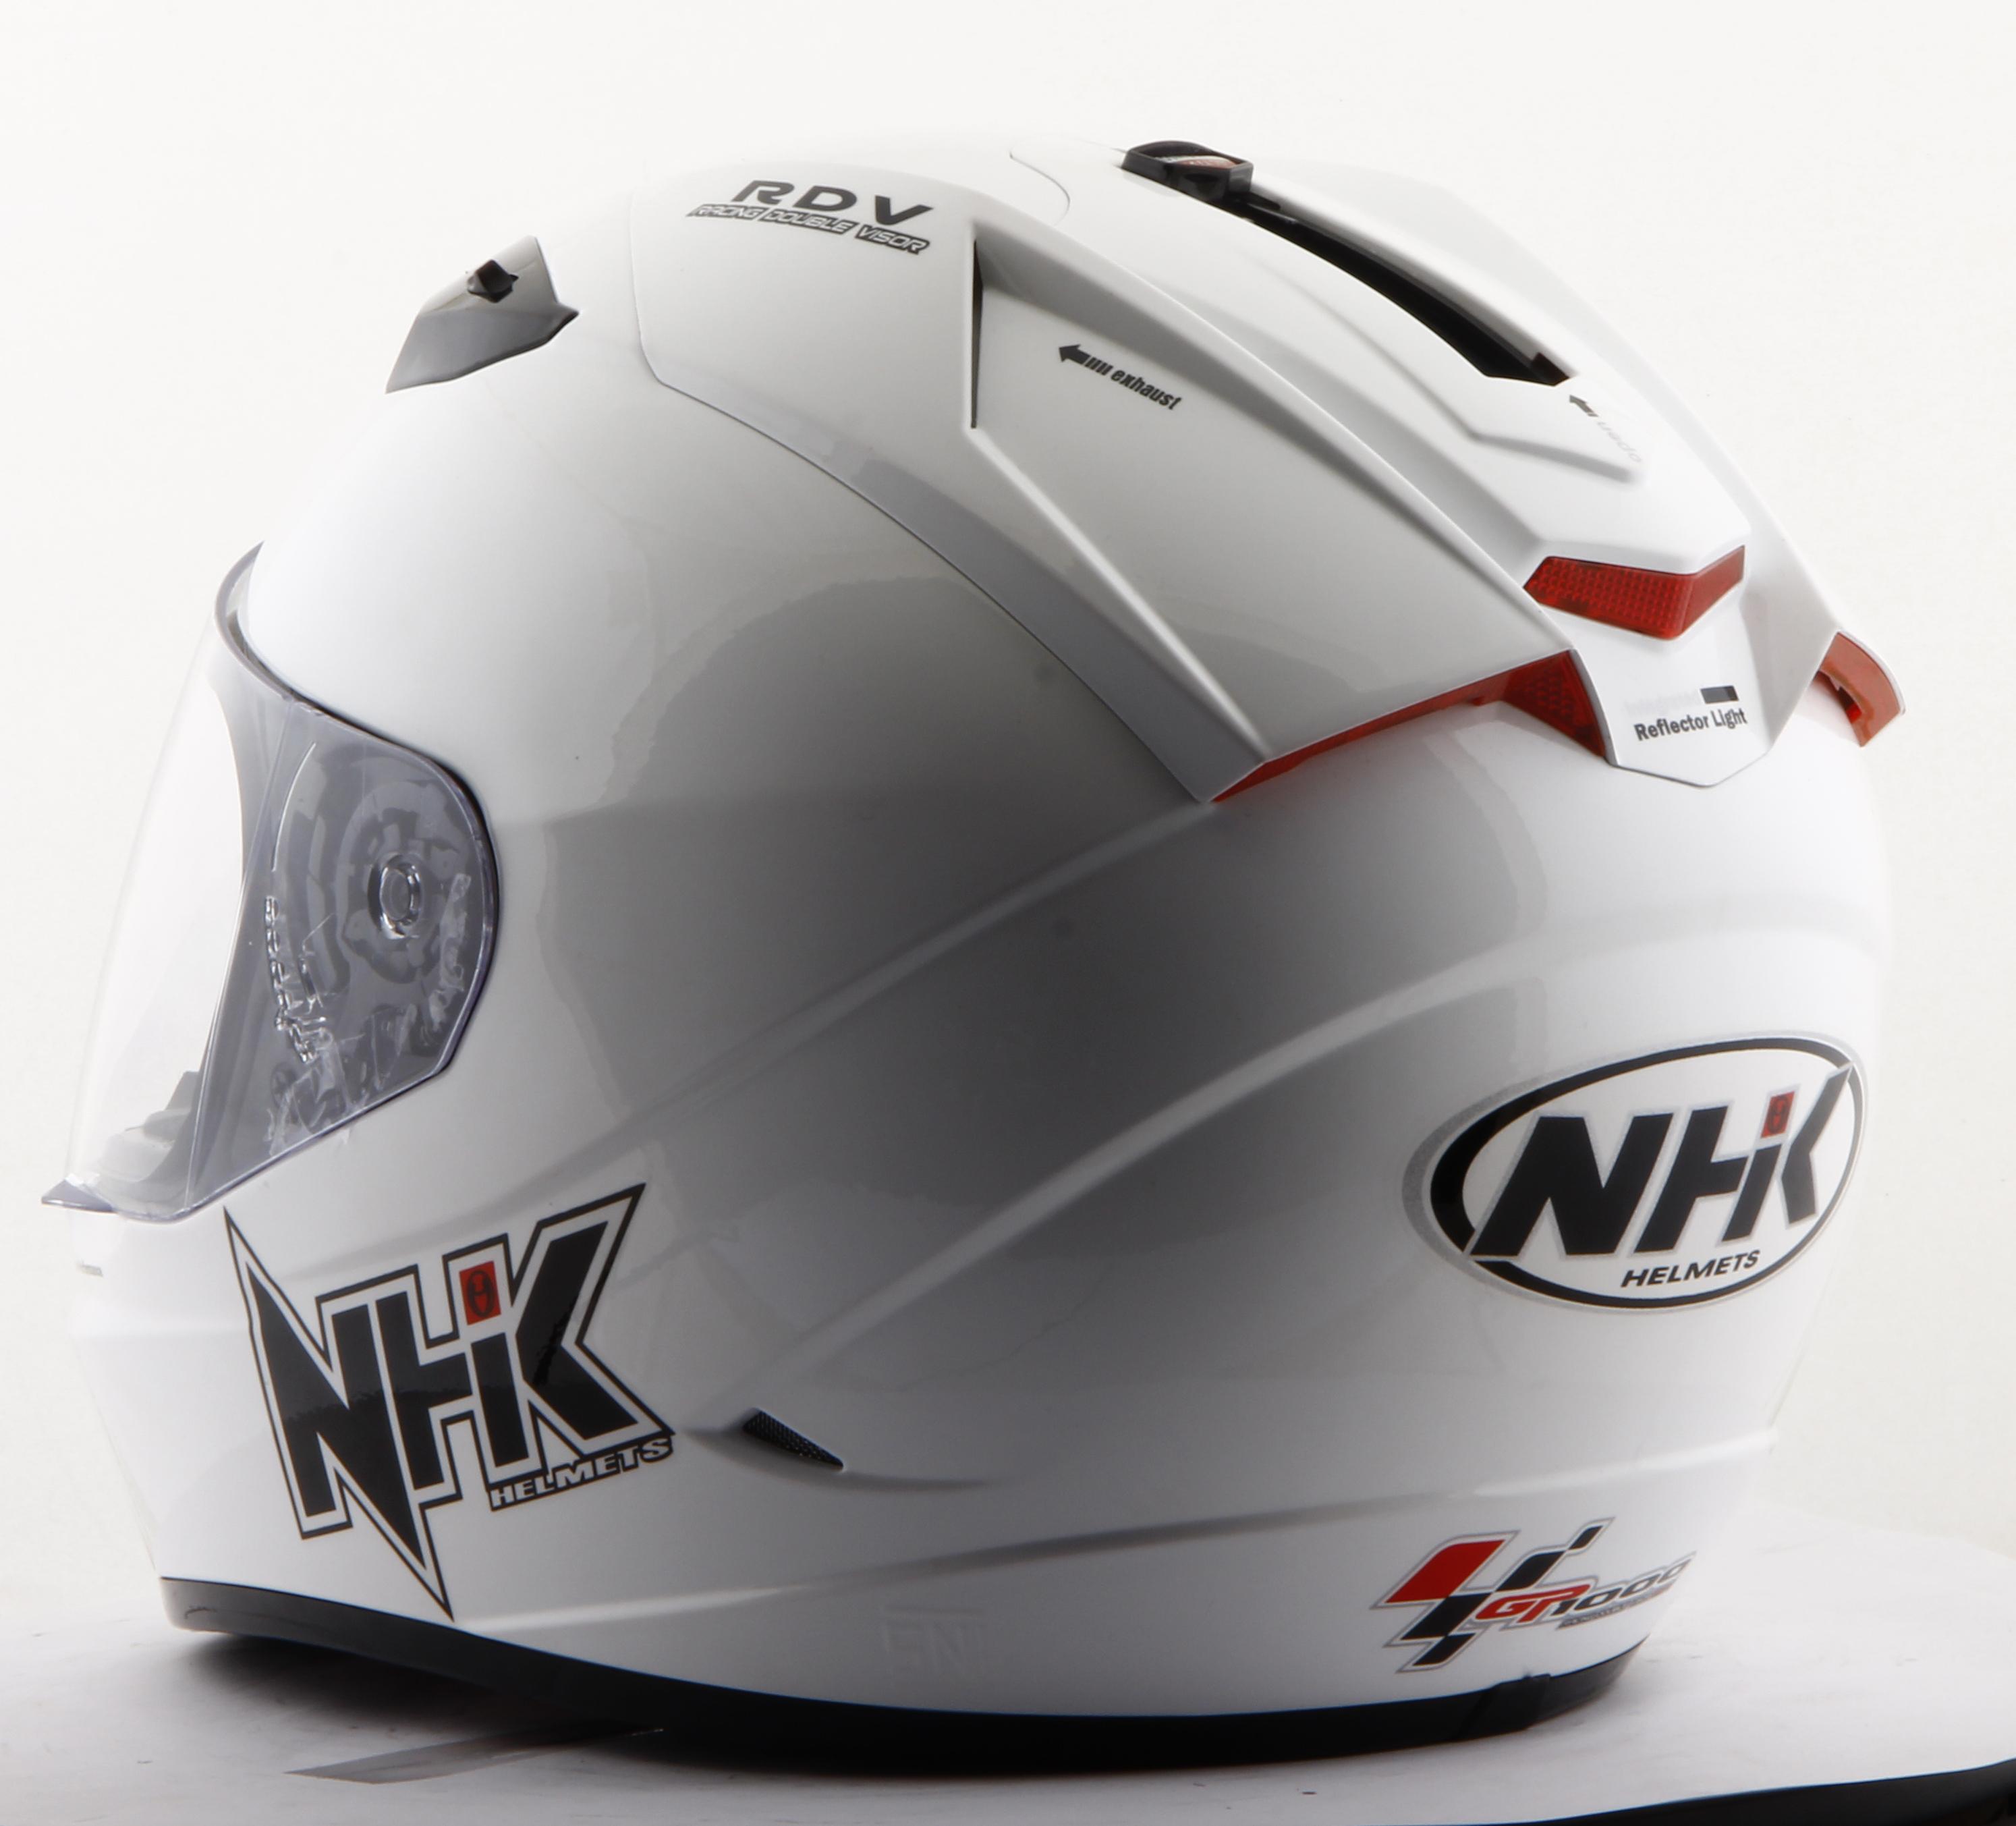 Helm Nhk Fullface Pabrikhelm Com Jual Helm Murah